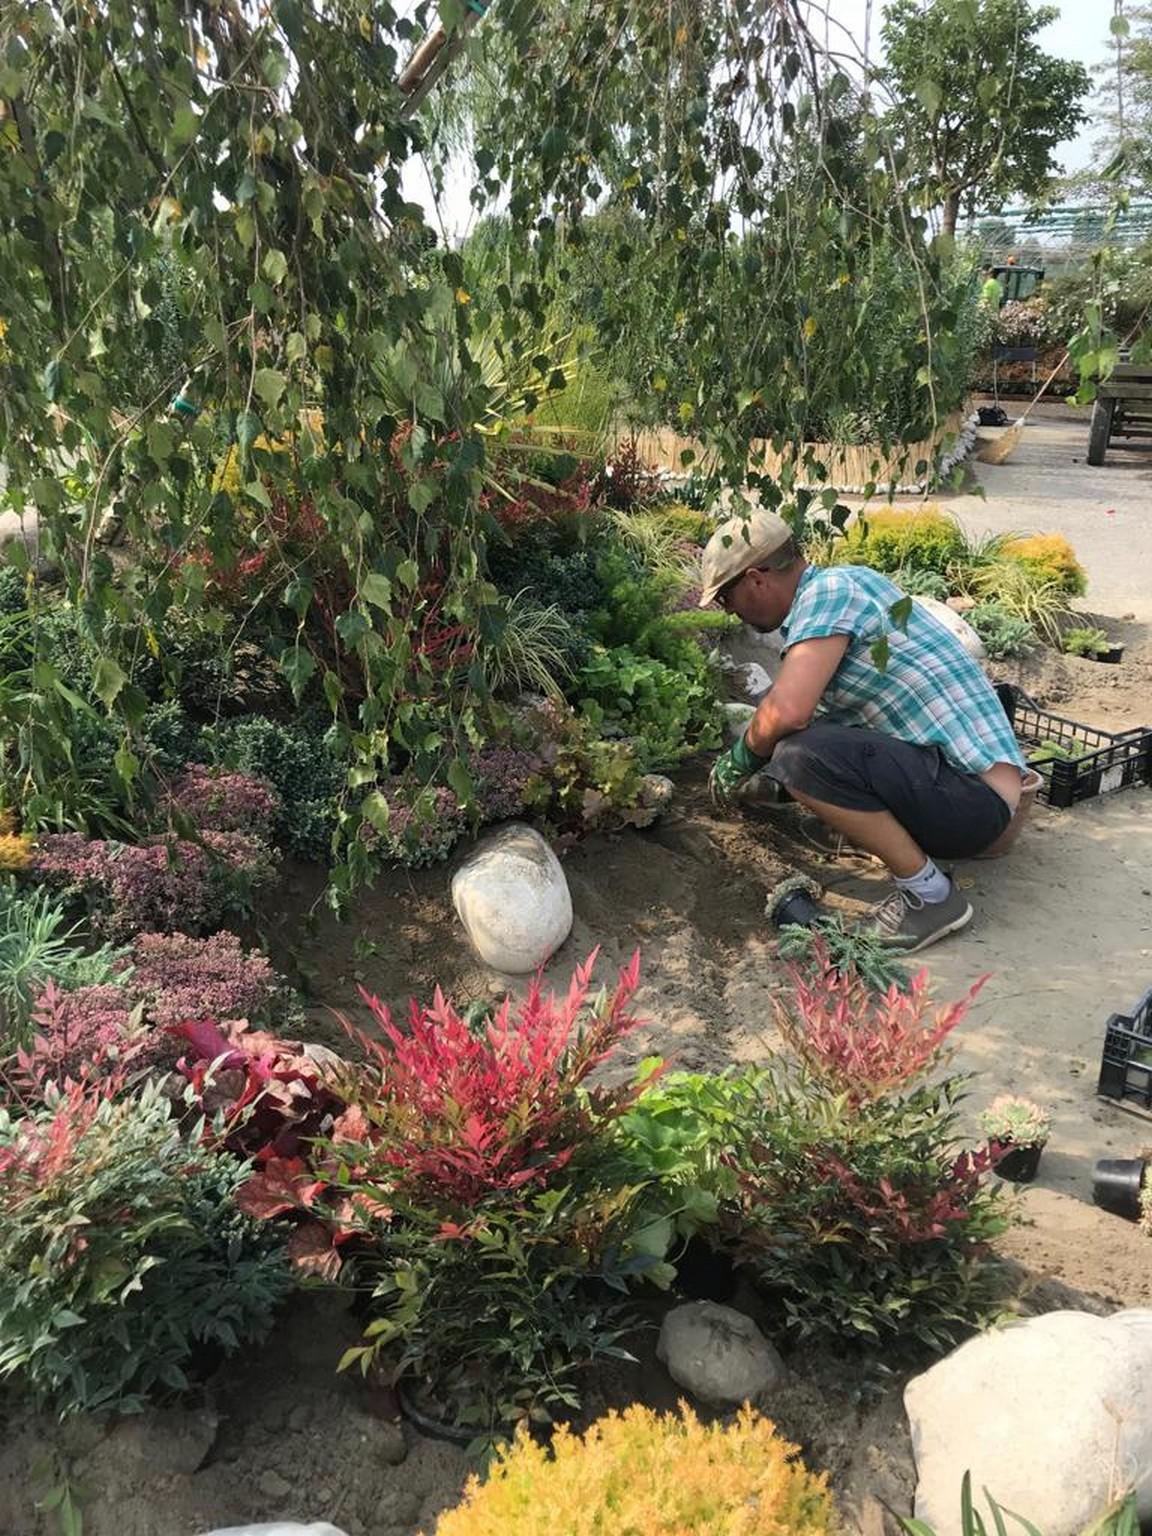 Concorso giardini Verdeggiando_142 NAUTILUS (DL4X4) Davide Cerruto – Walter Coccia – Emanuela Missanelli – Daniela Colombara